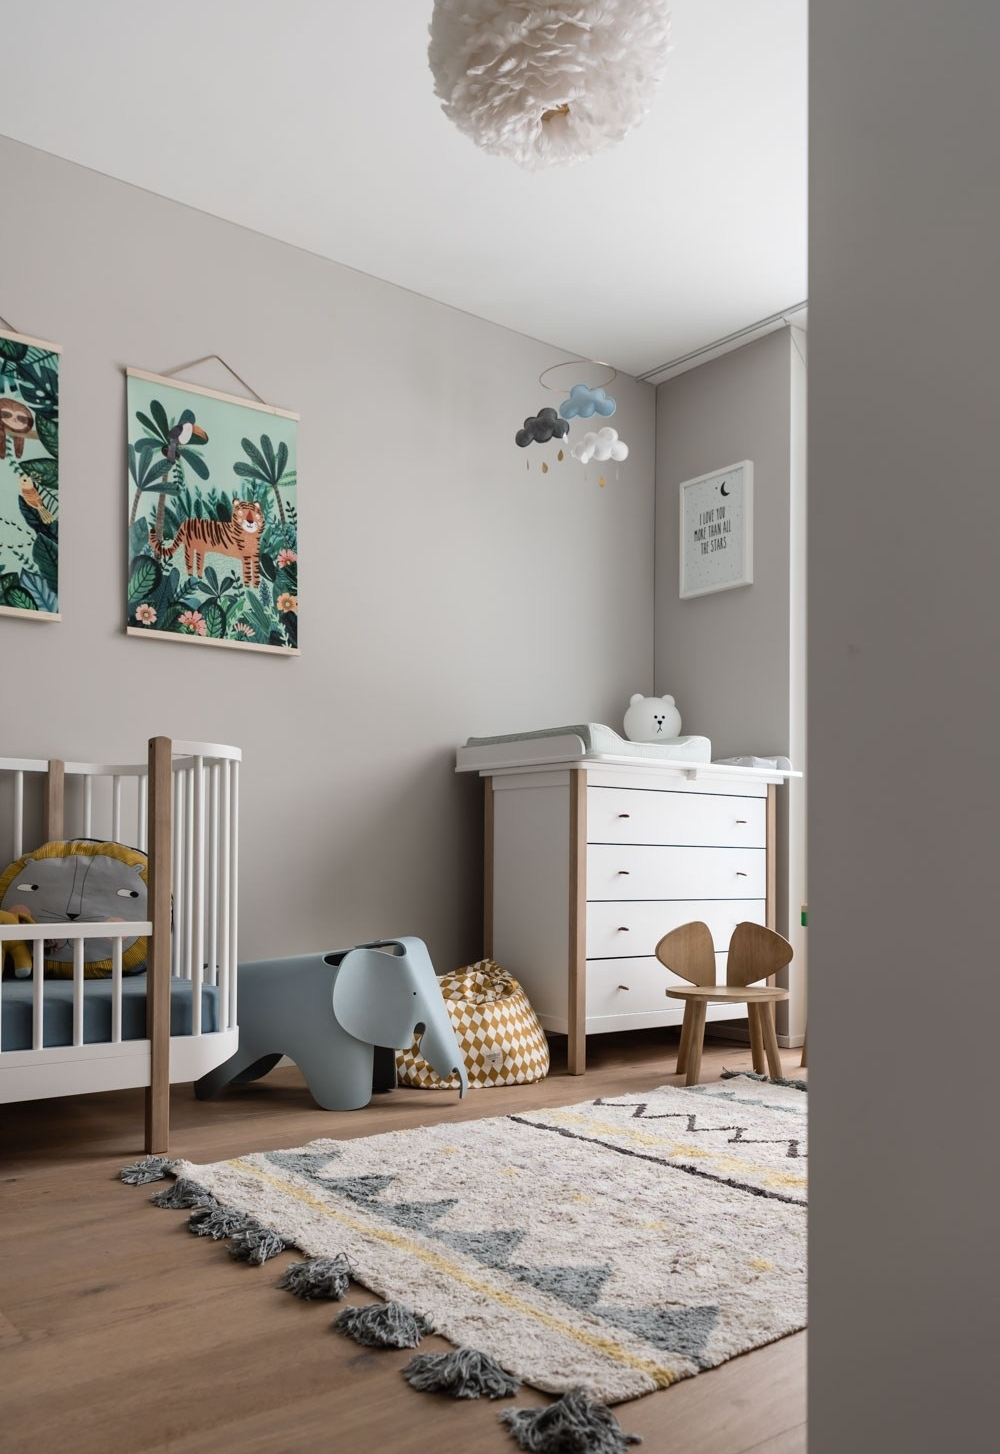 Neste ambiente, o cinza funciona como um fundo neutro que ganha mais cores com os objetos decorativos e brinquedos